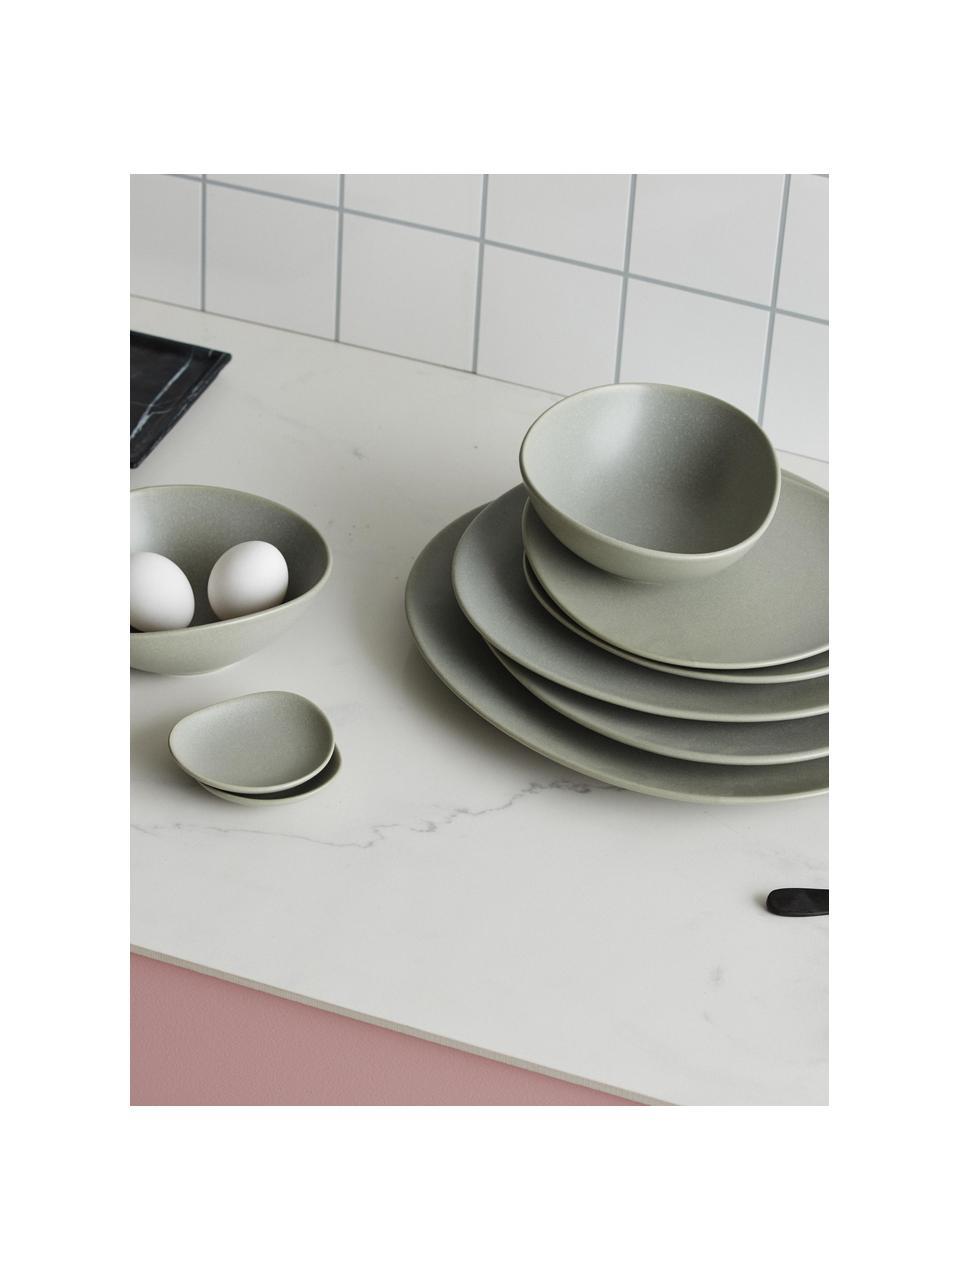 Steingut-Dipschälchen Refine matt Grau in organischer Form Ø 9 cm, 4 Stück, Steingut, Grau, Ø 9 cm